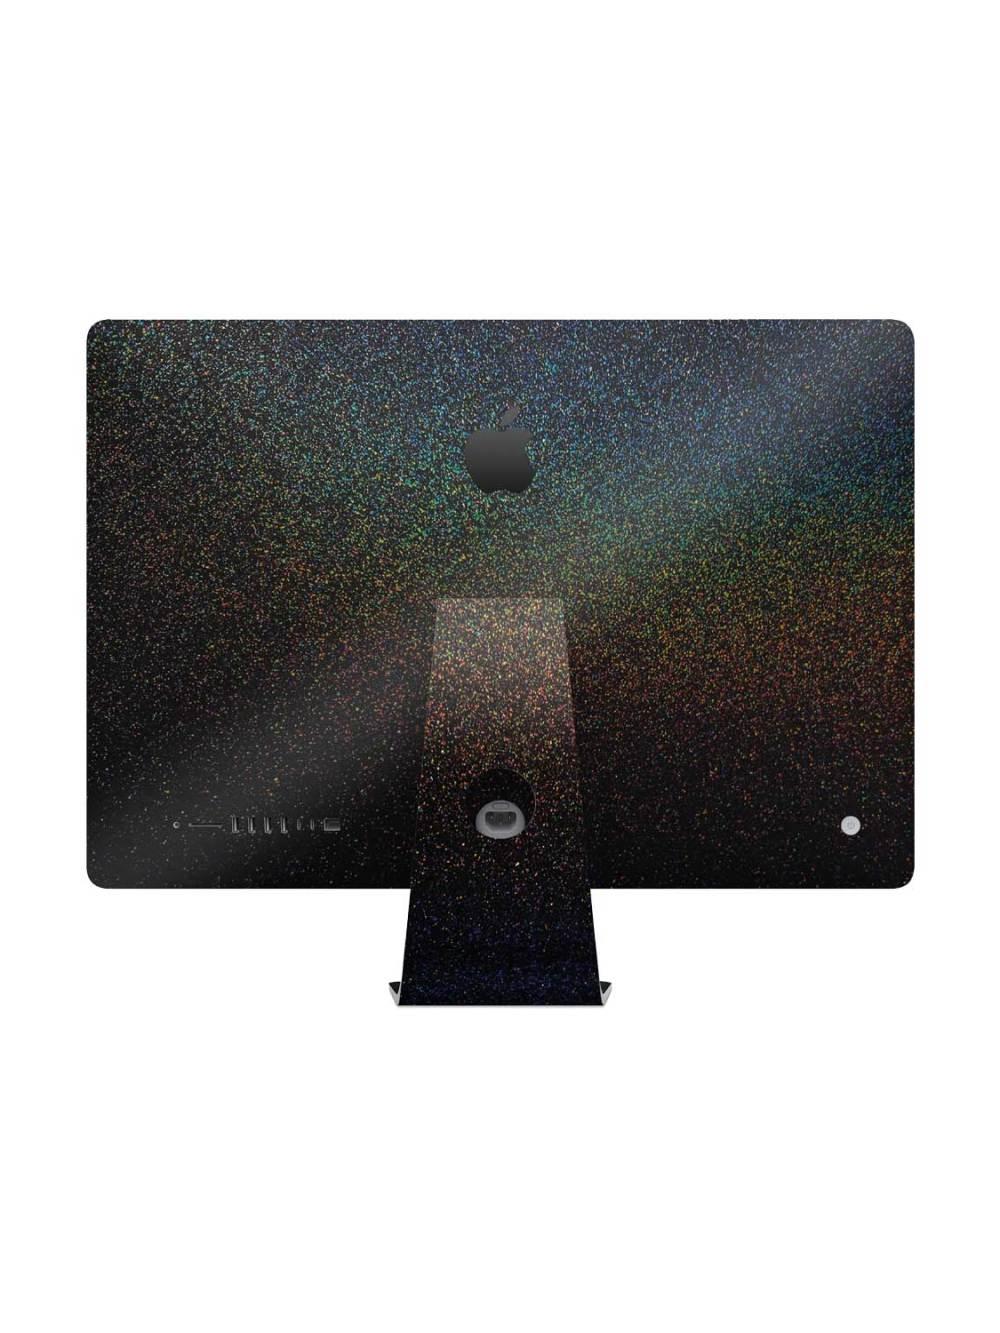 COSMIC MORPHEUS Glossy skin for iMac